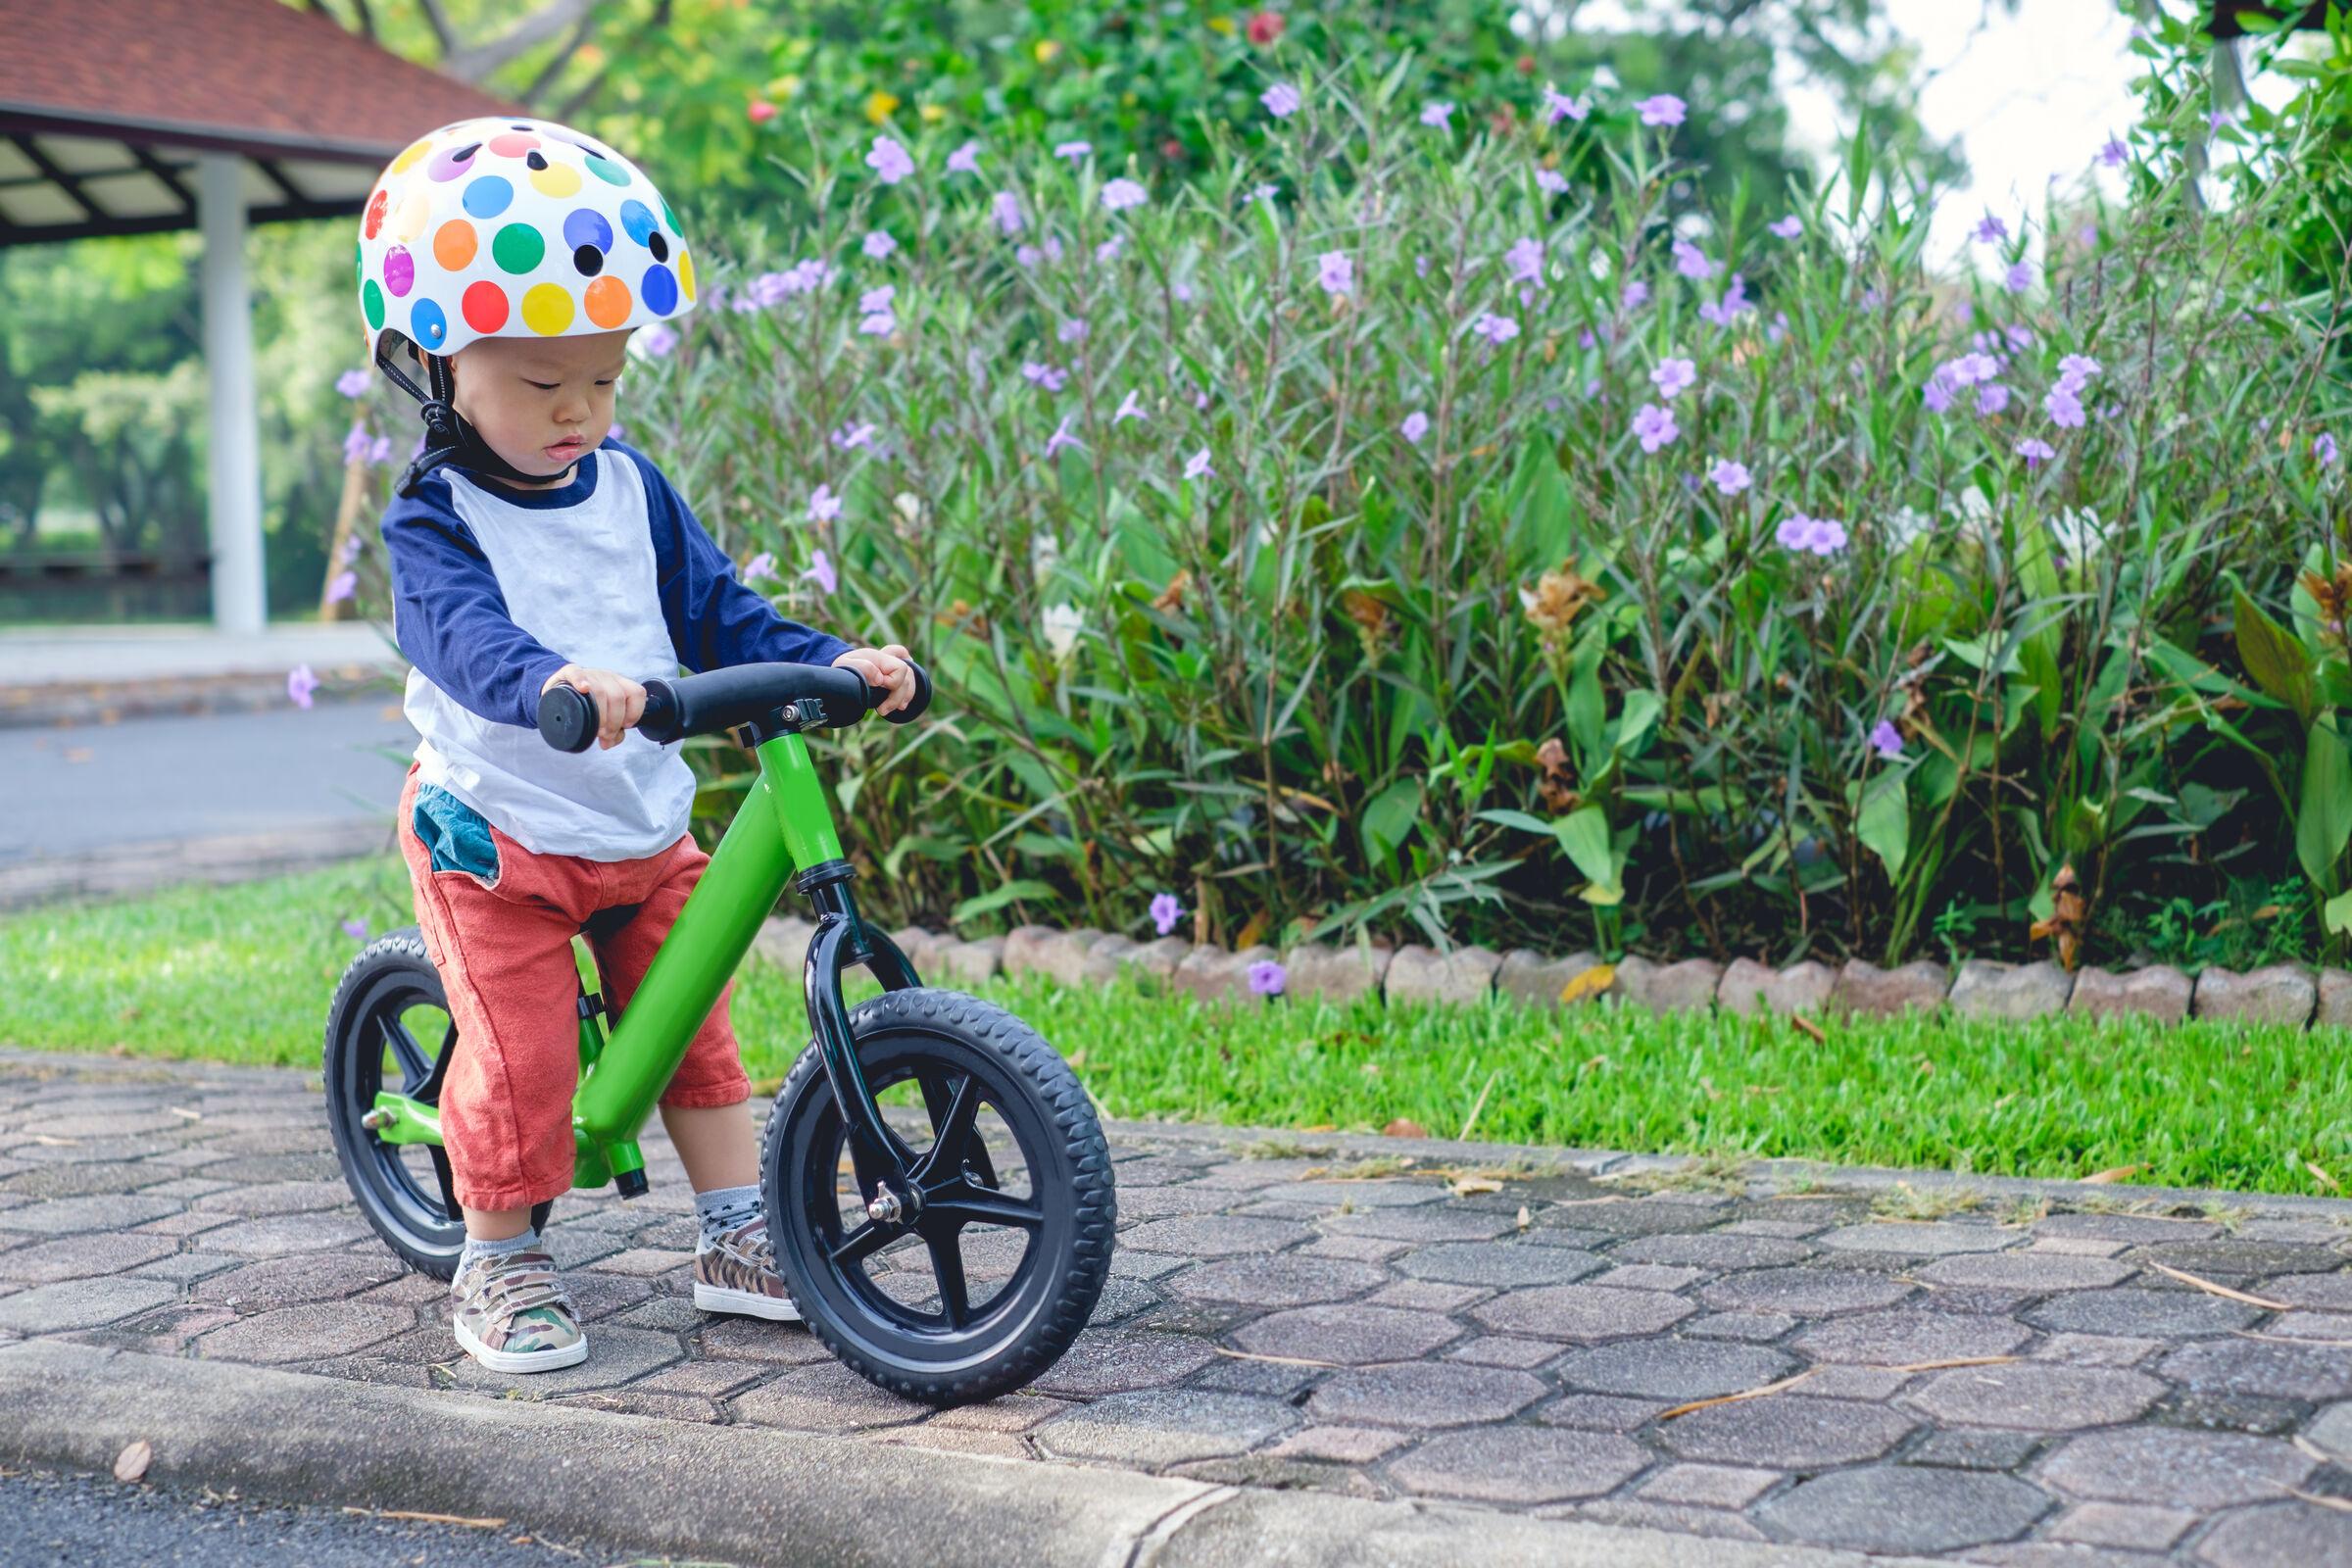 Criança andando de bicicleta usando capacete